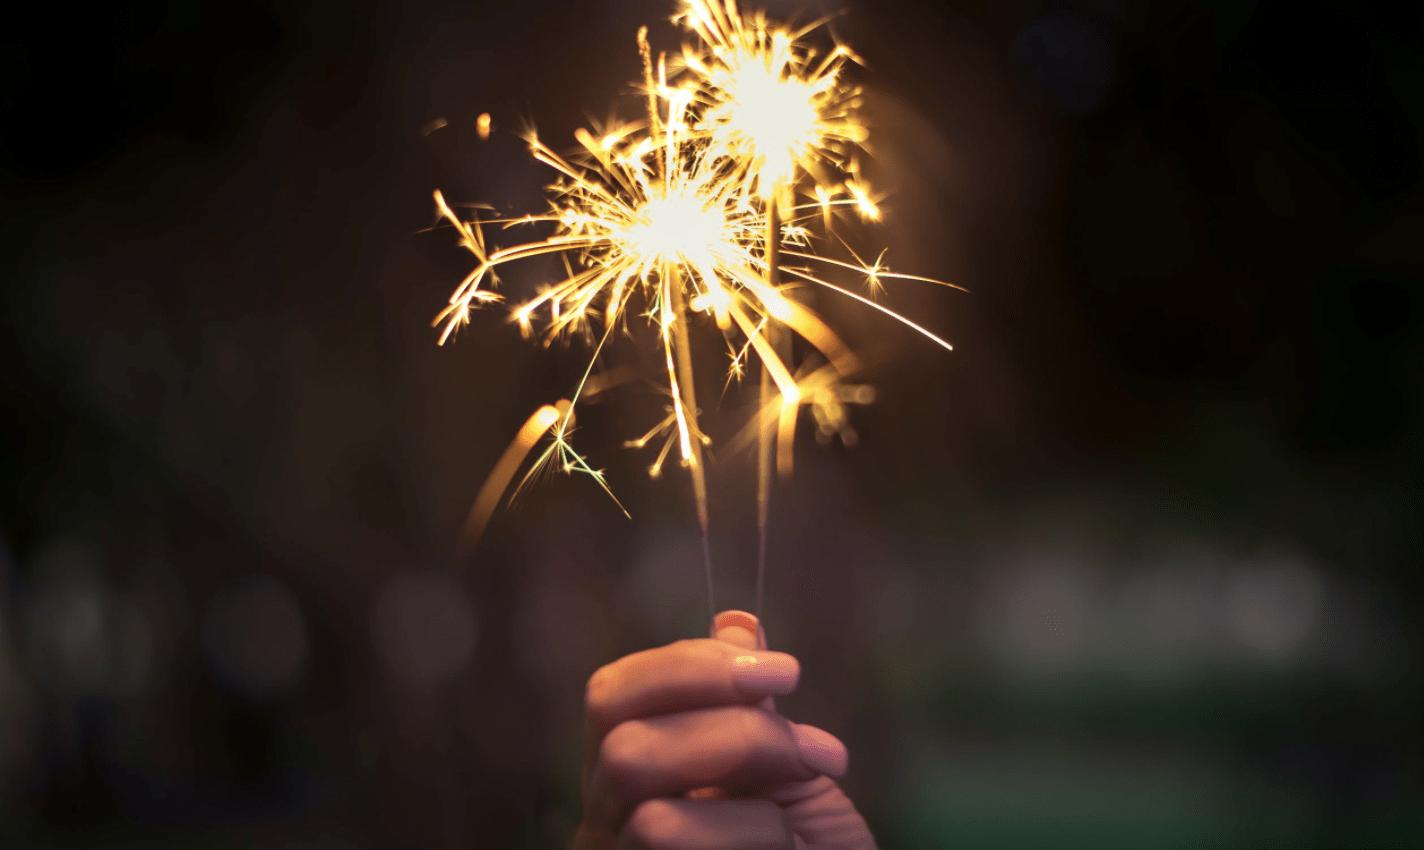 【2021年夏】淀川花火は開催する?大阪で手持ち花火ができる公園12選!